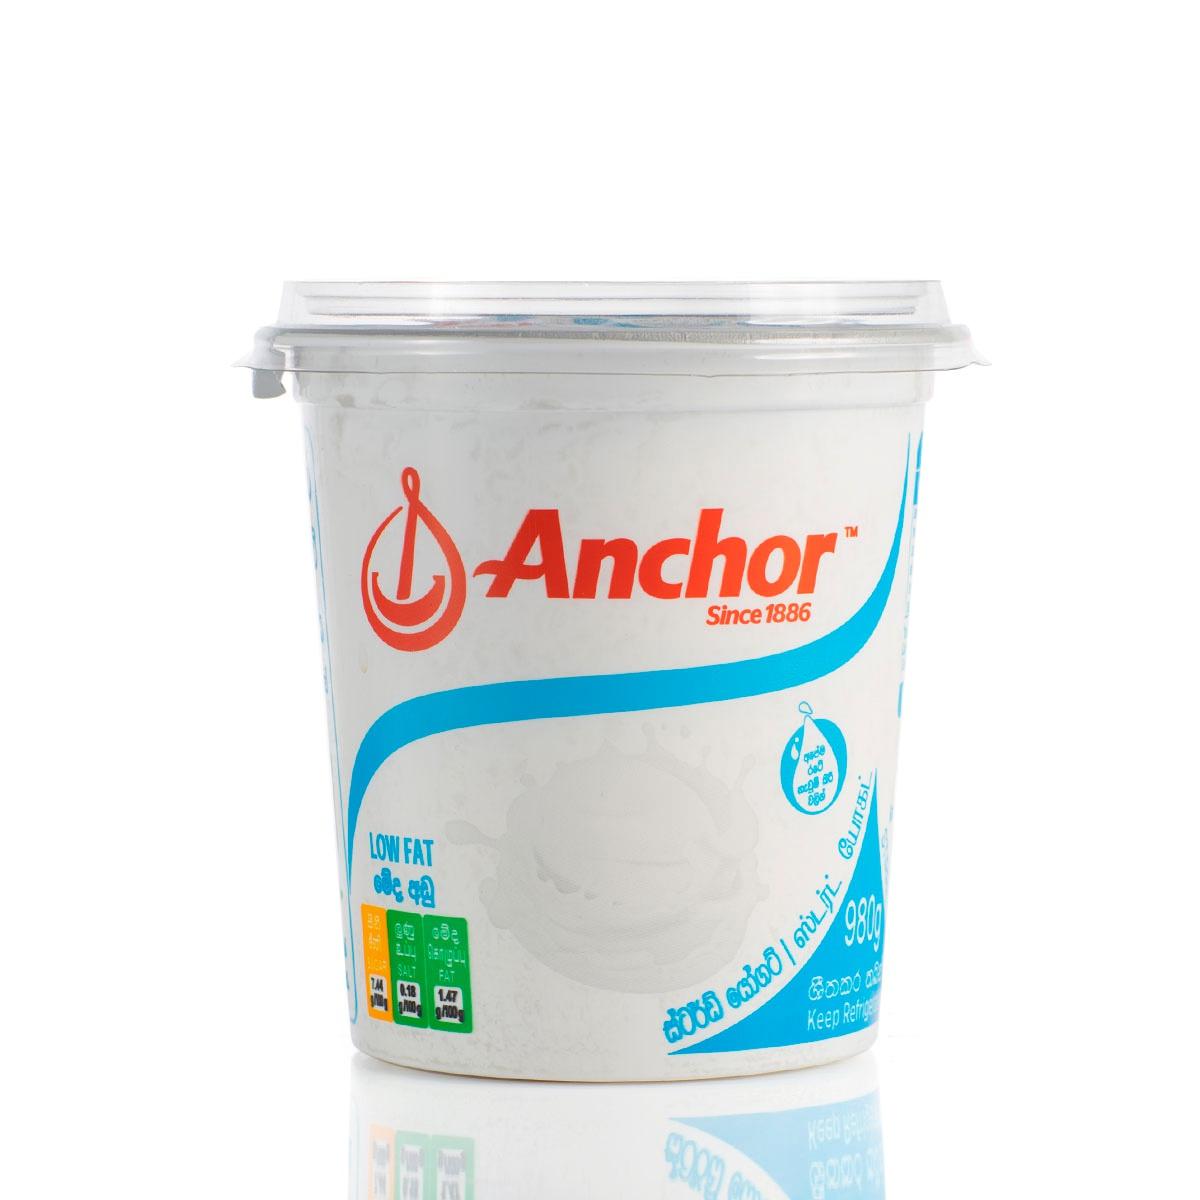 Anchor Yoghurt Stirred Low Fat 980G - in Sri Lanka